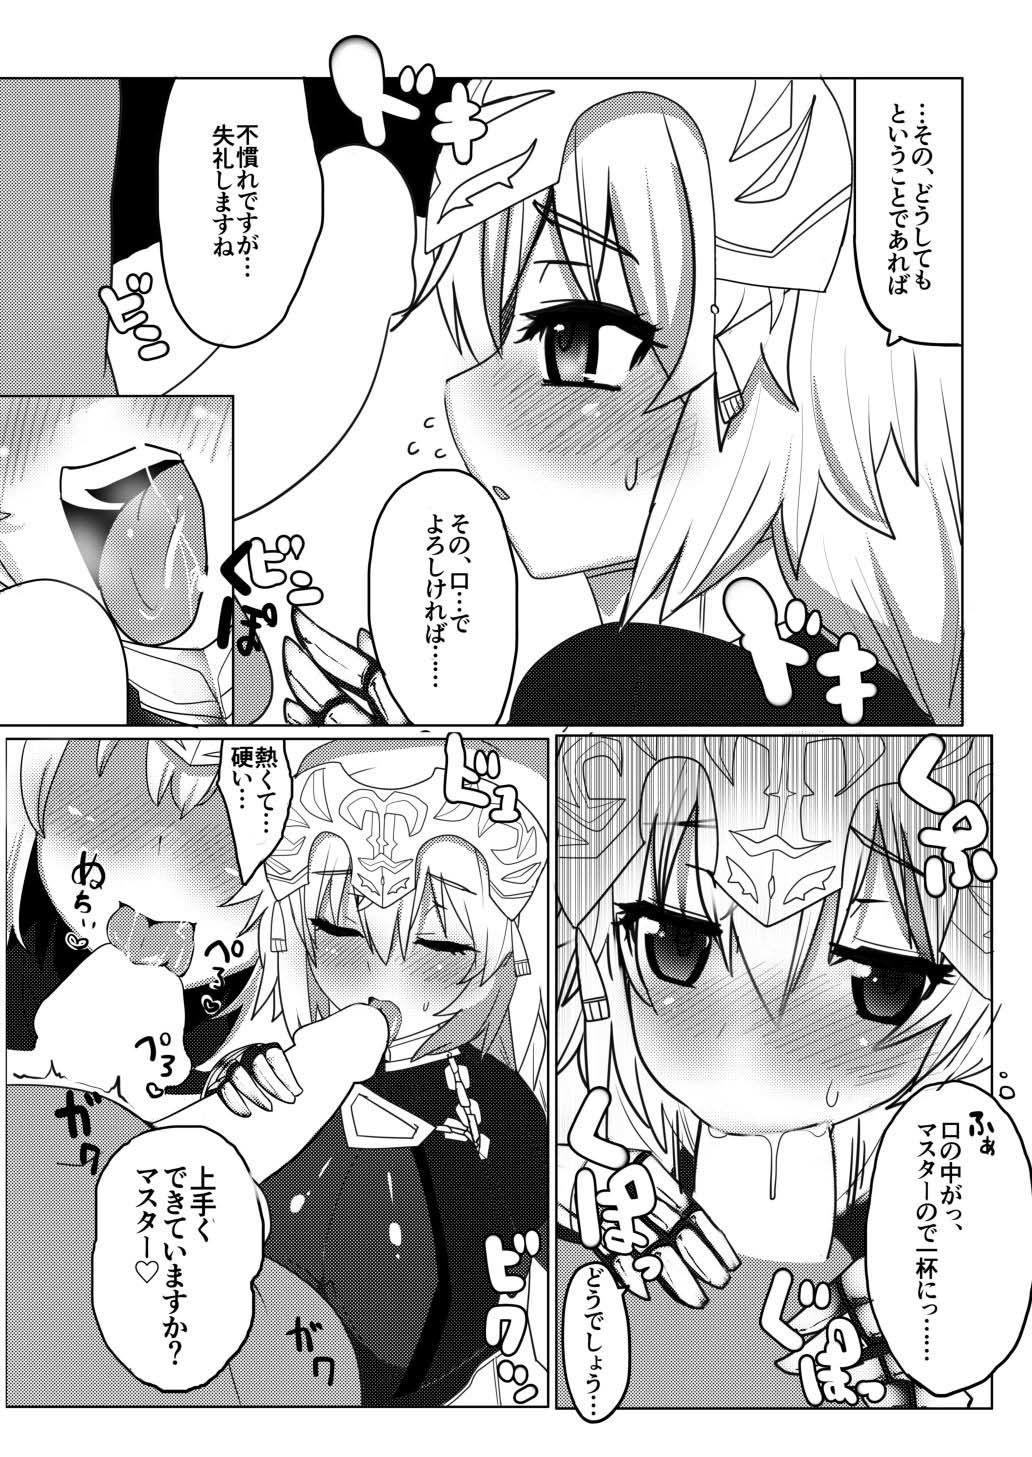 【シュミセンジル 同人】シンコンジャンヌ